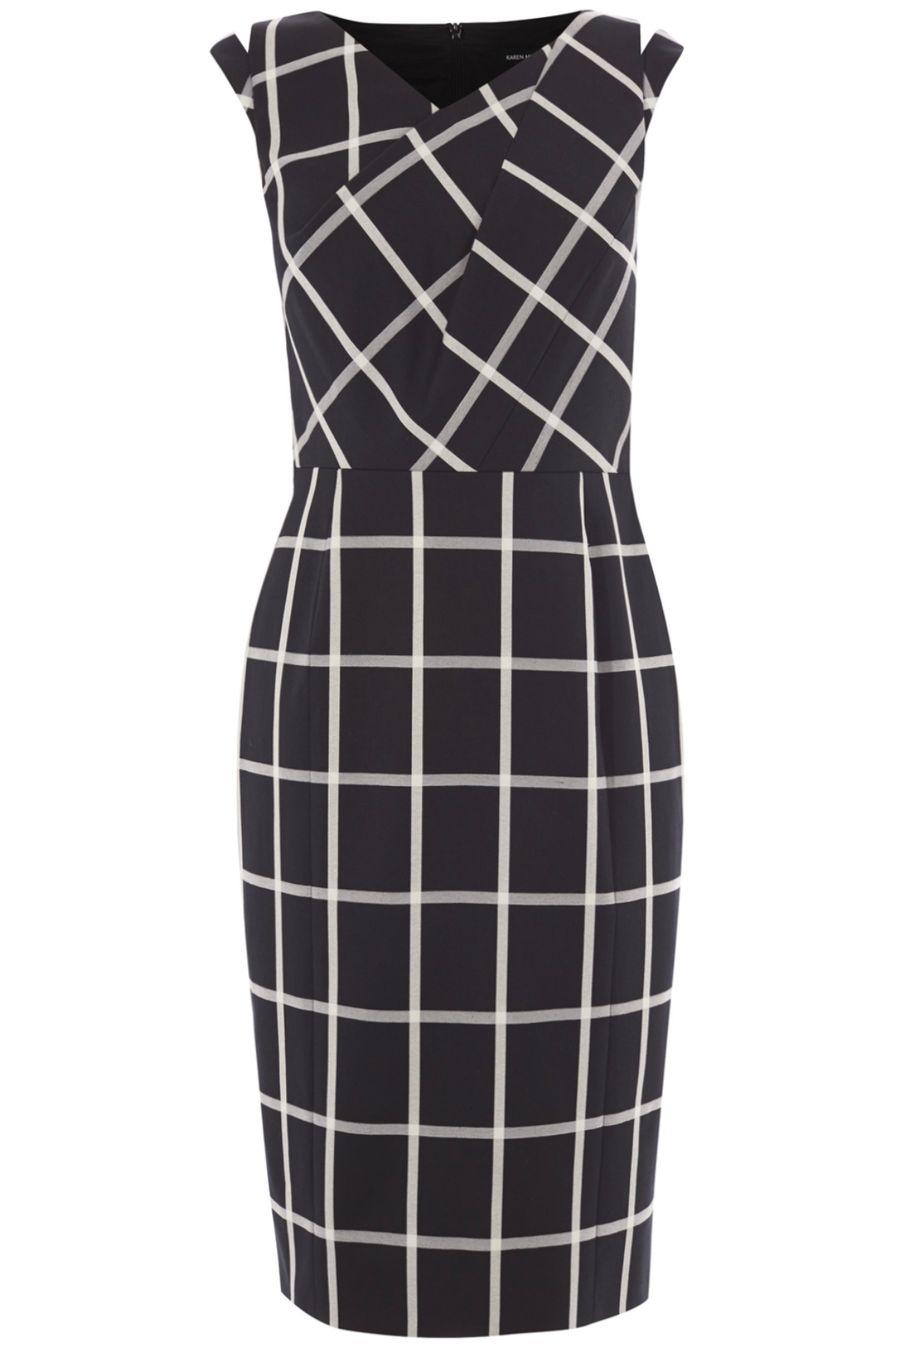 karen-millen-windowpane-check-dress-1